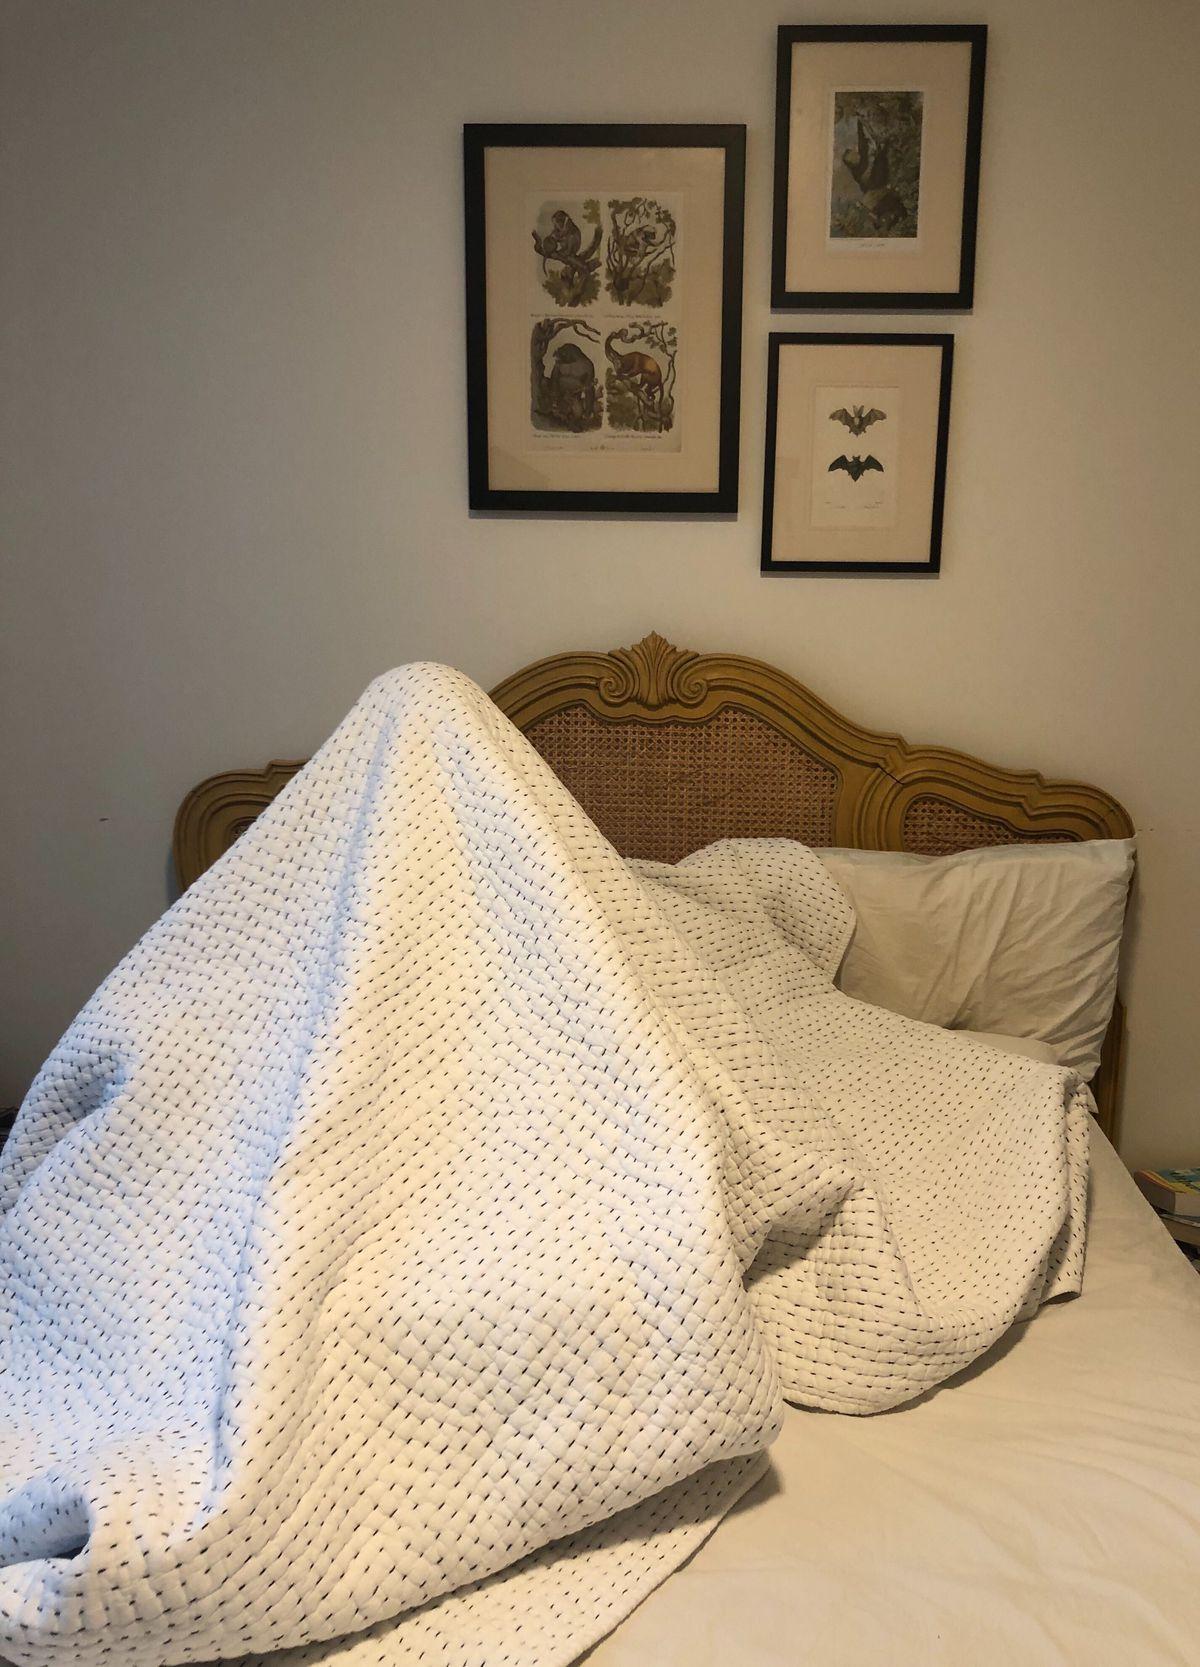 Seth under a blanket